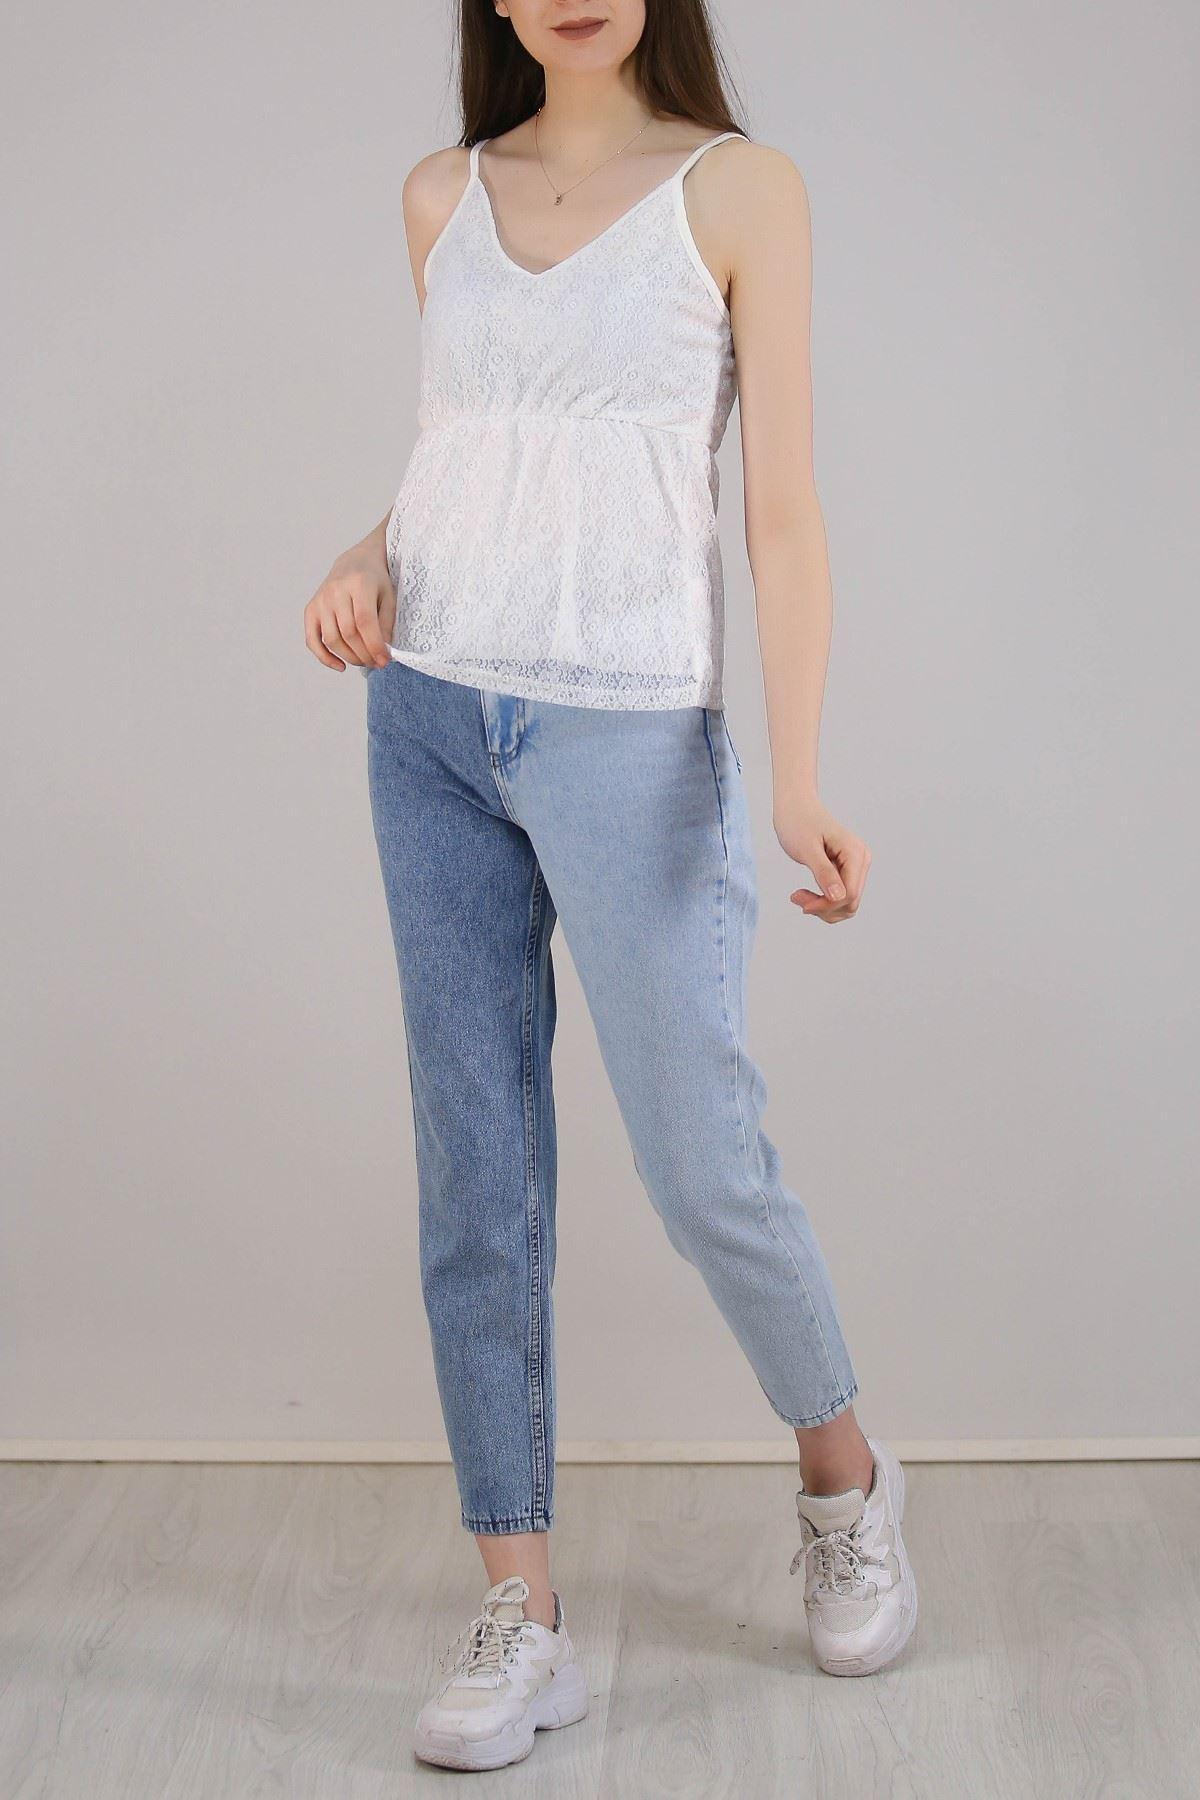 Dantelli Astarlı Bluz Beyaz - 5305.224.